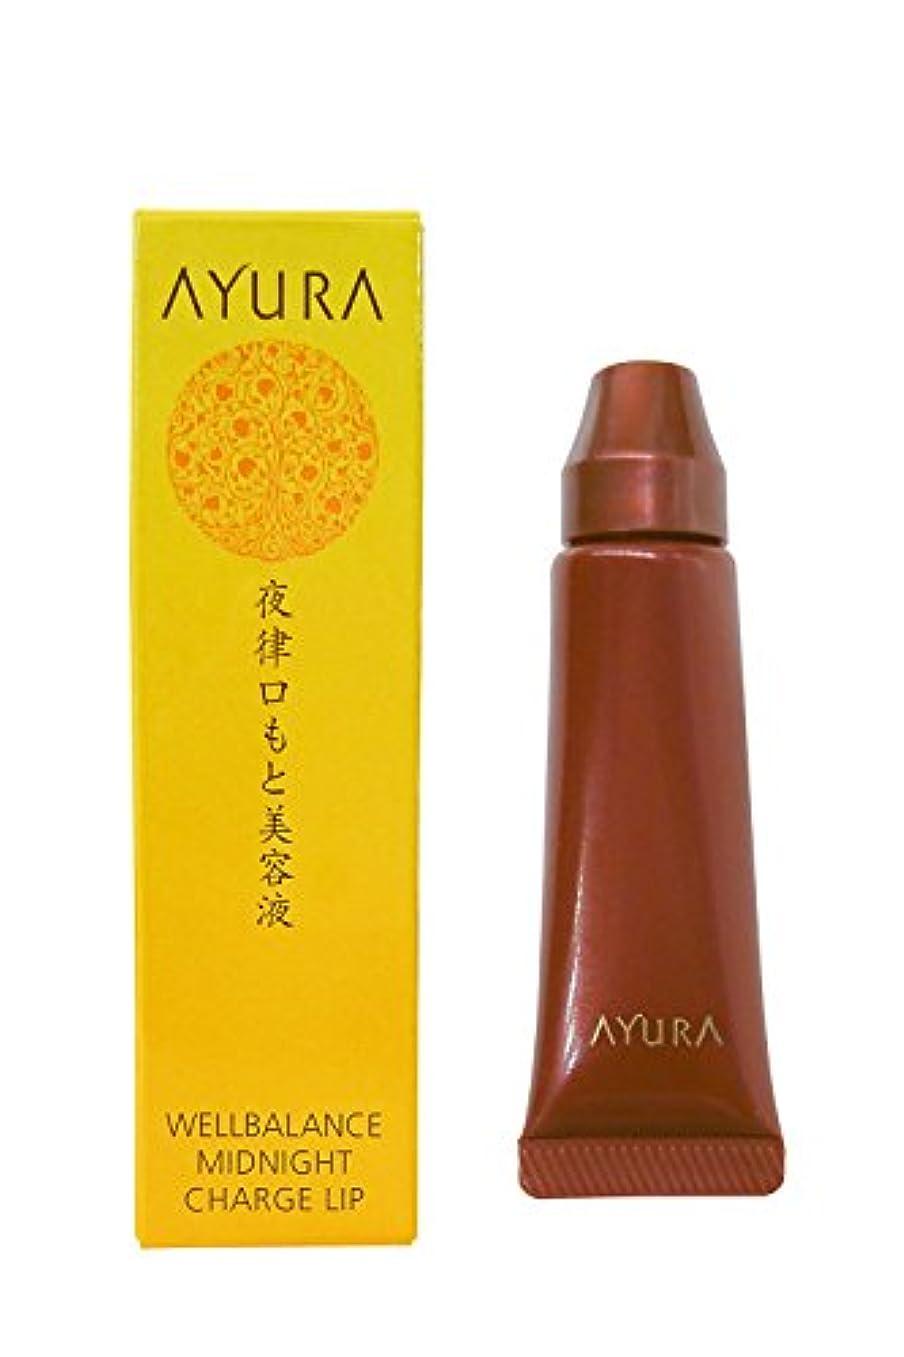 忠実な多様なカードアユーラ (AYURA) ウェルバランス ミッドナイトチャージリップ 10g 〈唇 口もと用 美容液〉